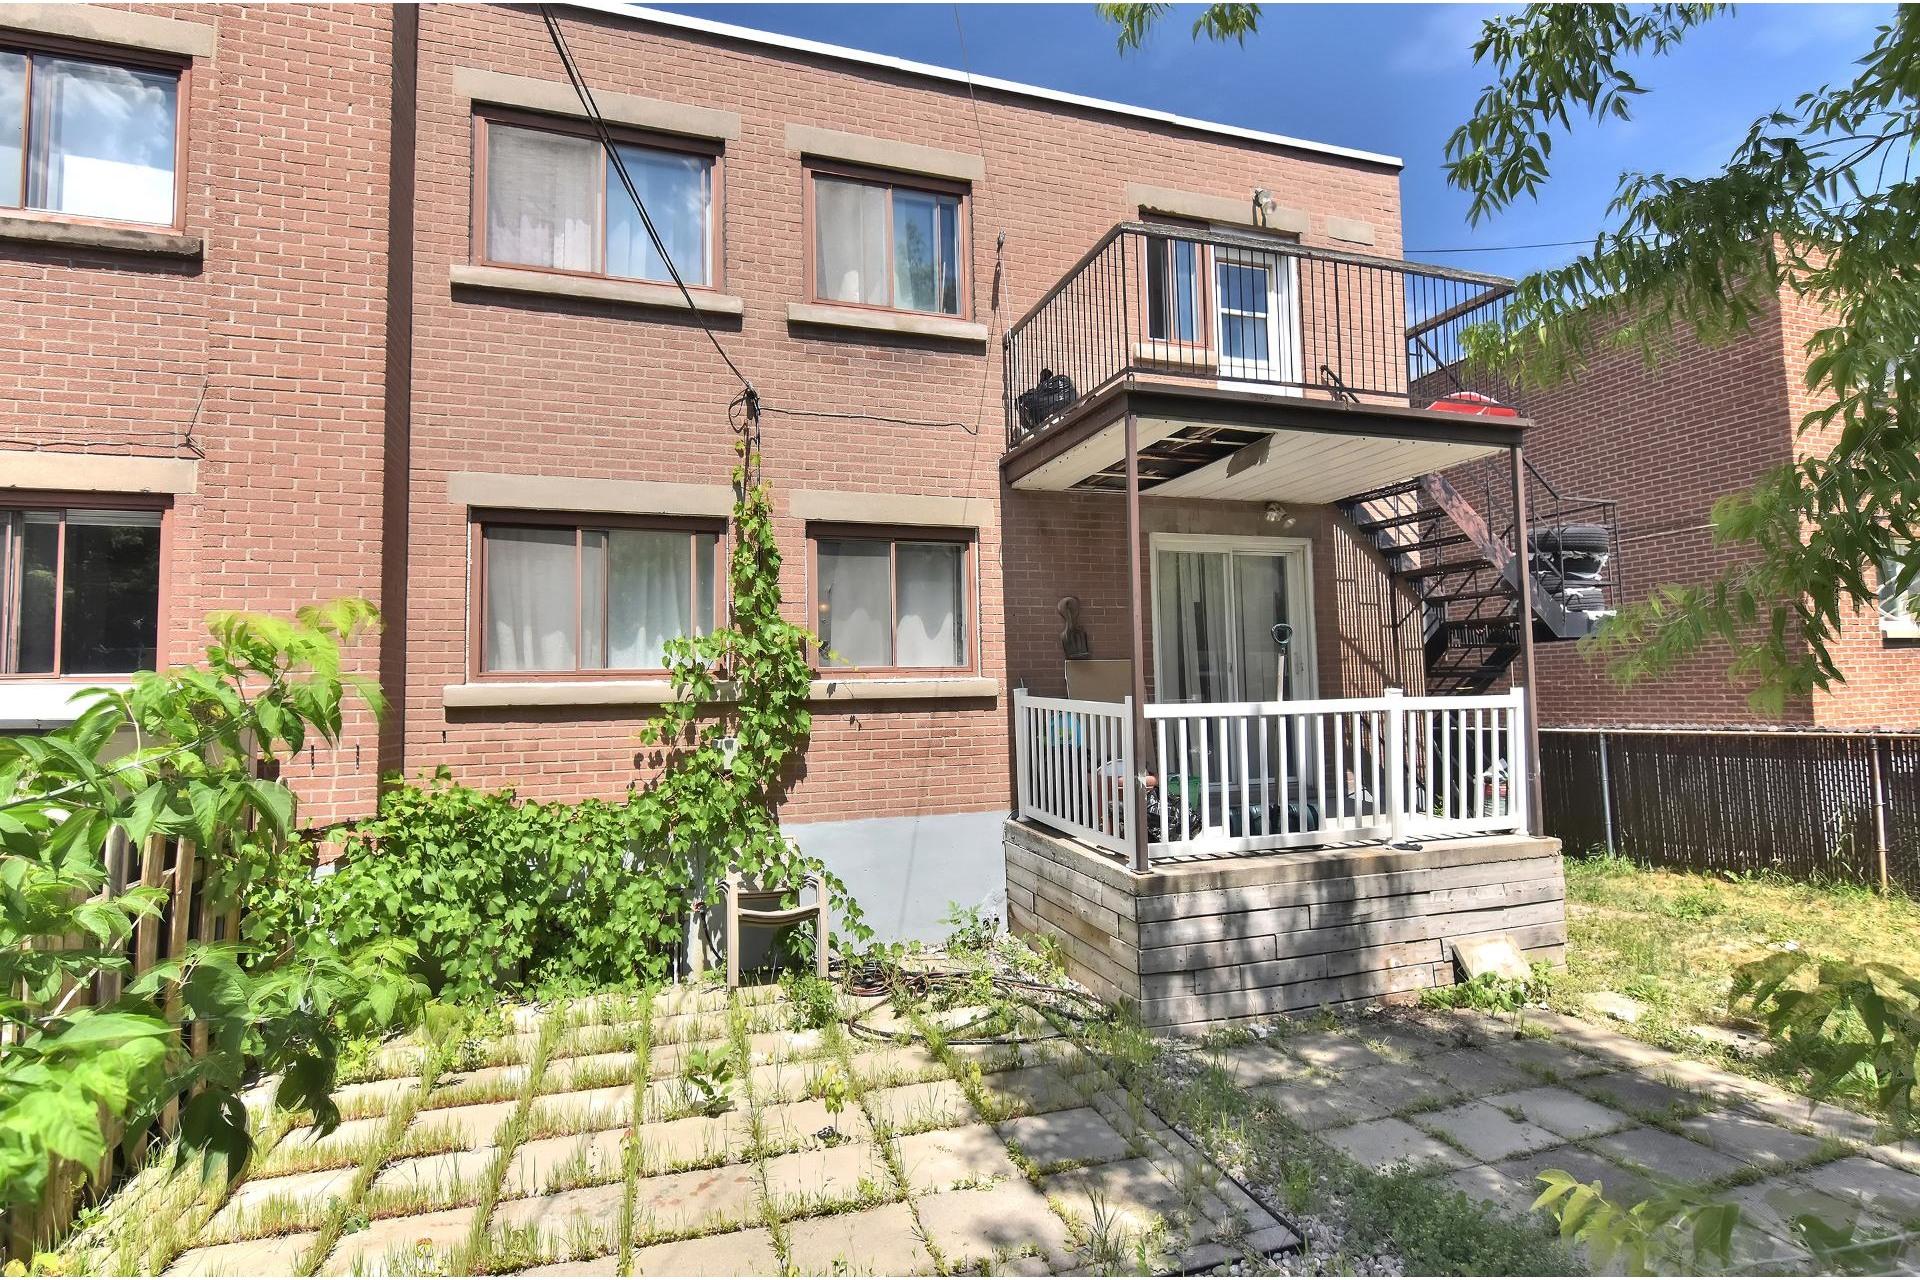 image 23 - Duplex For sale Rivière-des-Prairies/Pointe-aux-Trembles Montréal  - 5 rooms